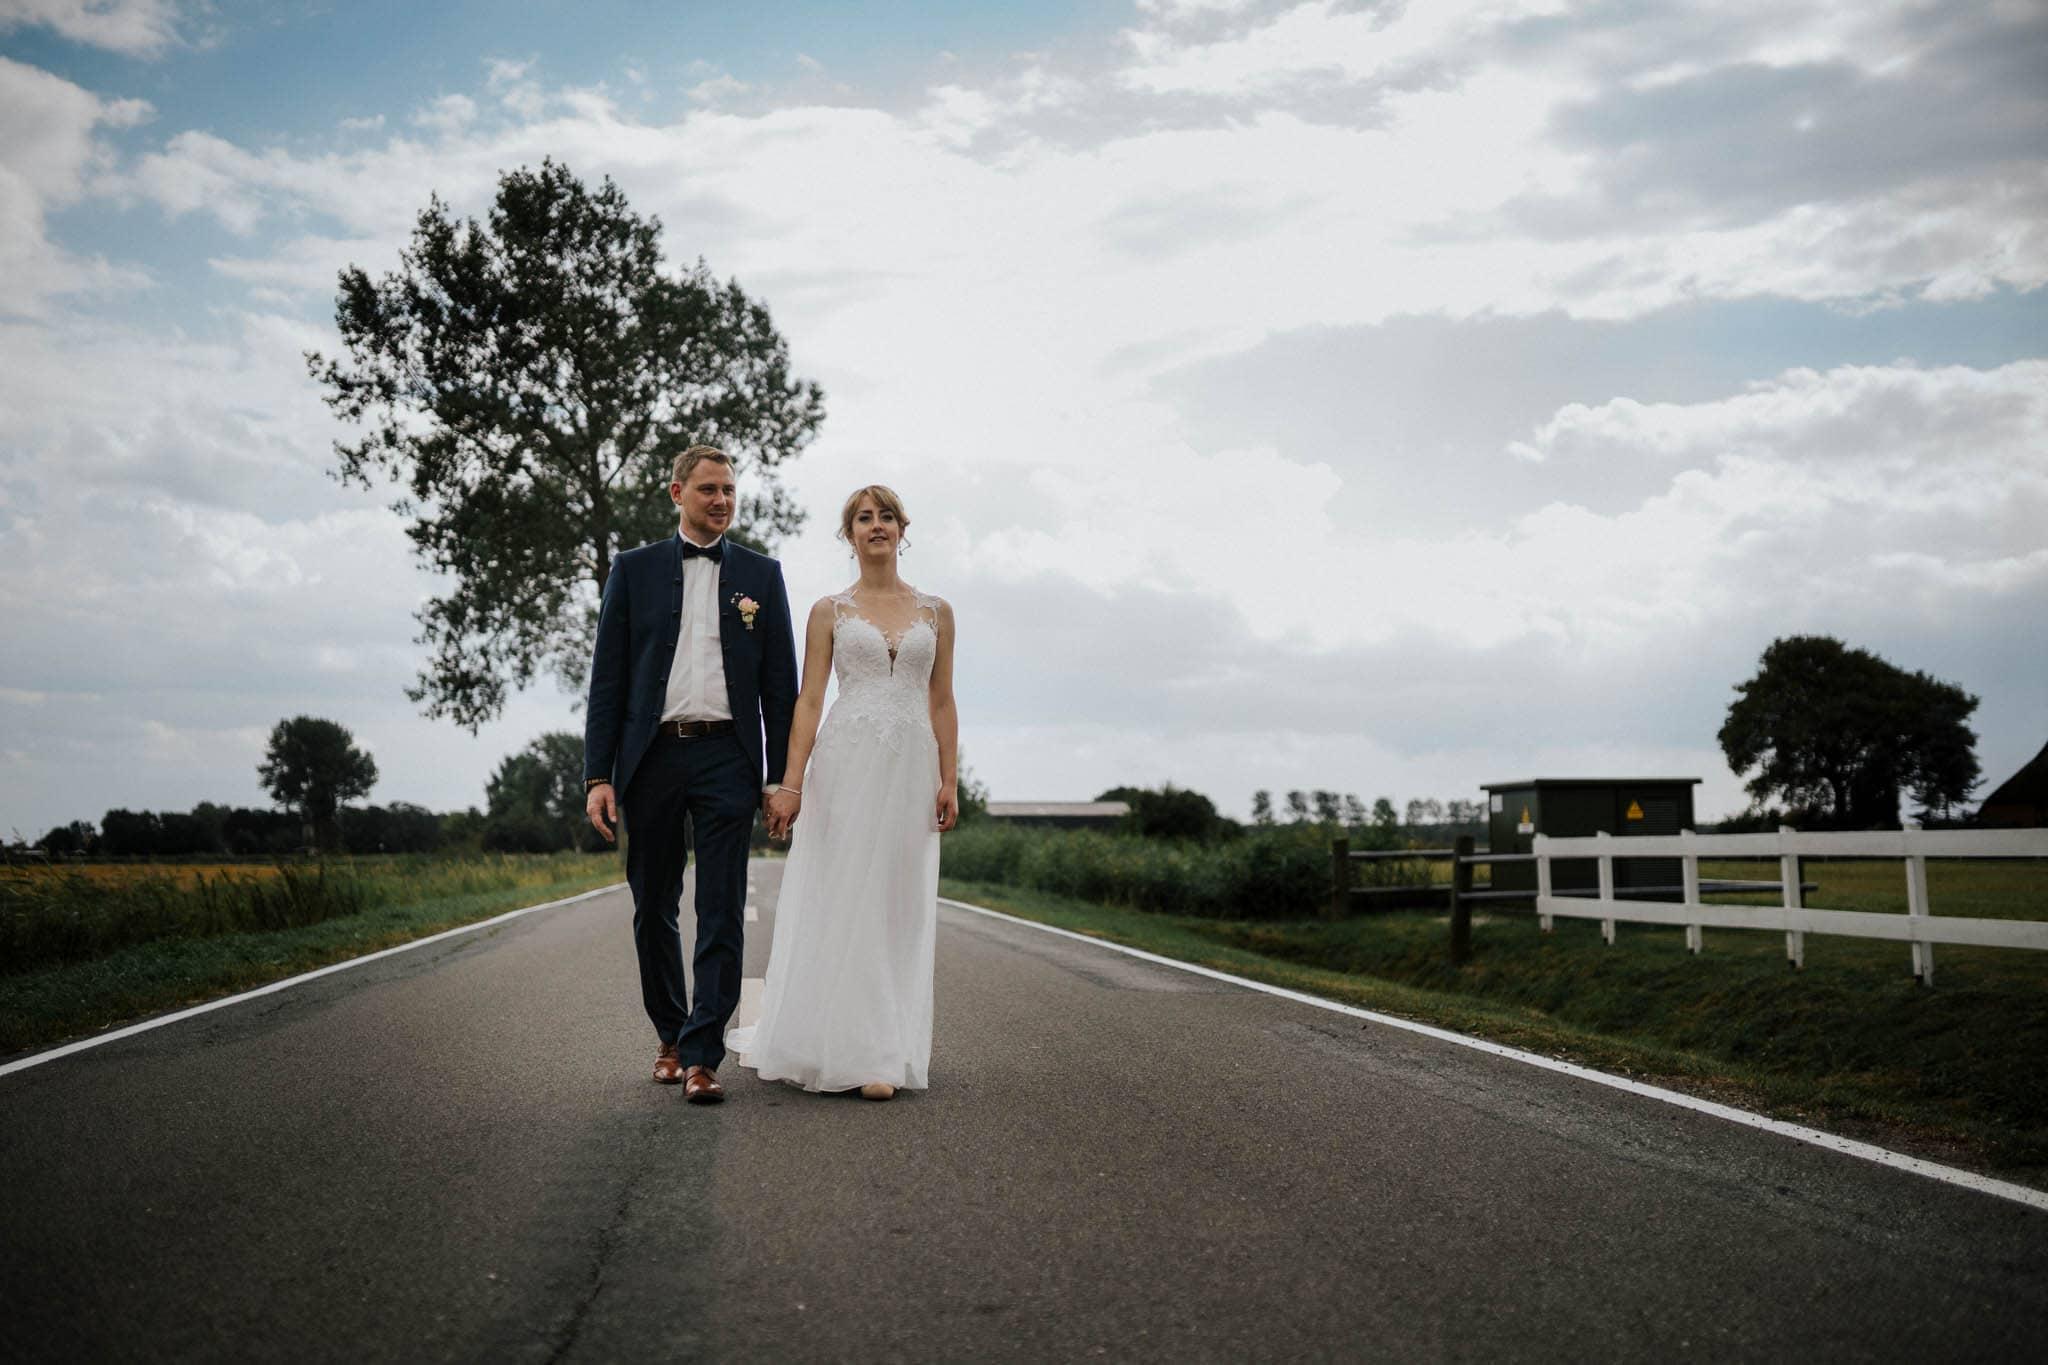 Hochzeitsfieber by Photo-Schomburg, Hoichzeitsfotograf, Hamburg, Wedding, Weddingtime, Hochzeitspaar, Braut, Bräutigam, Hochzeit im Norden,-96